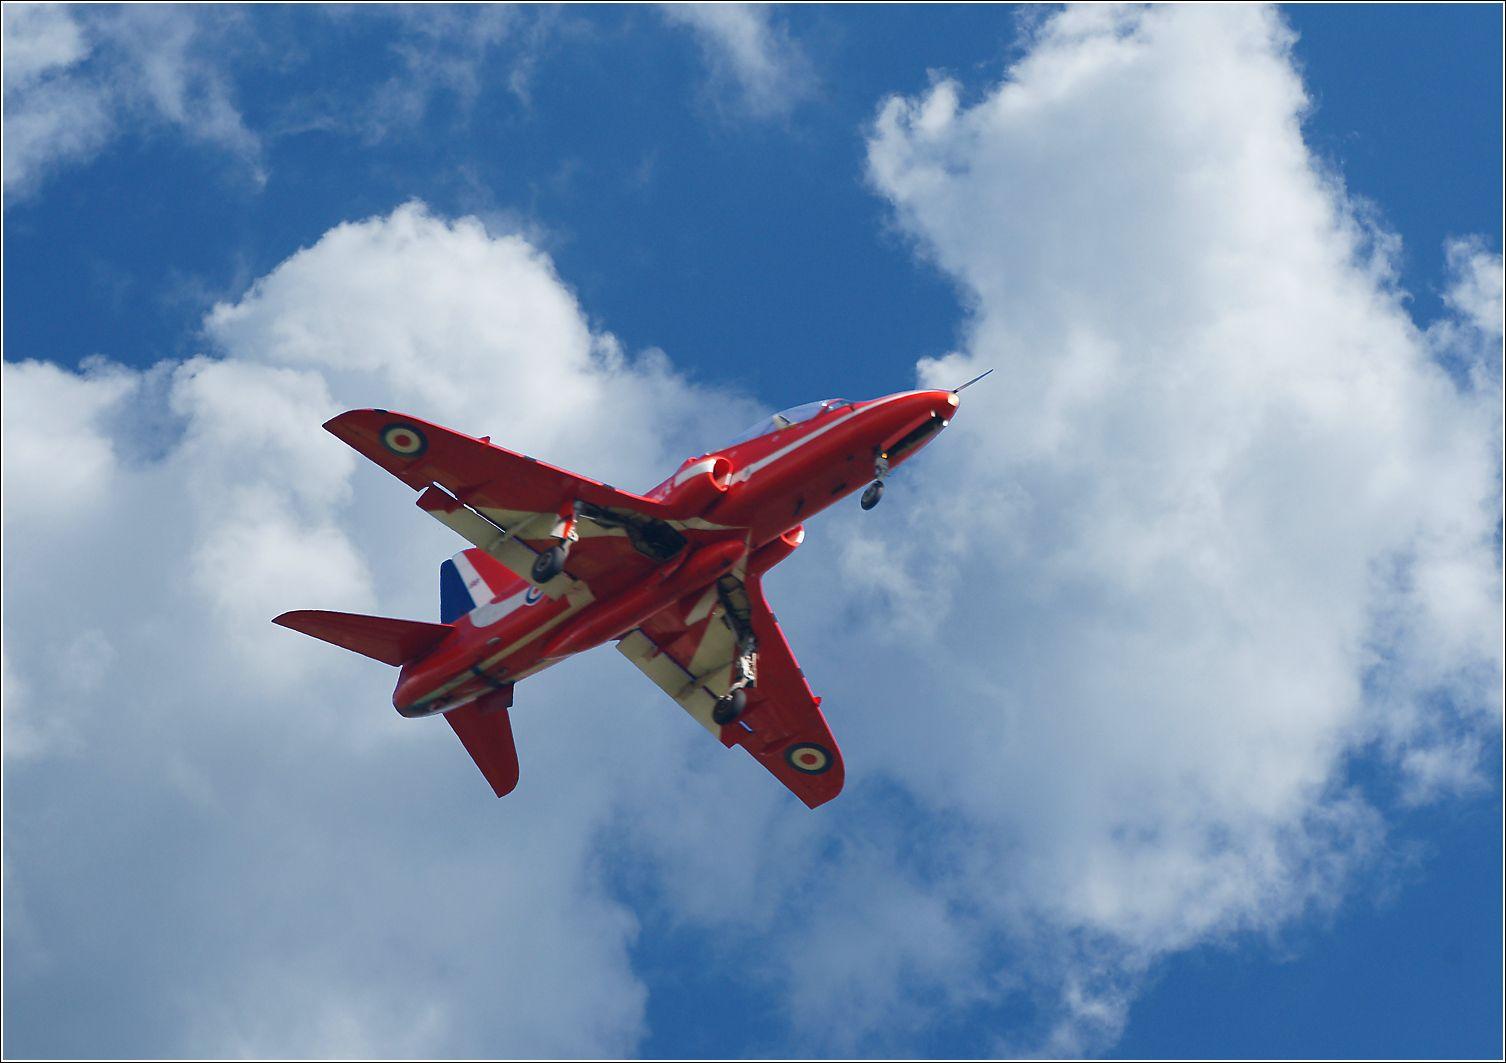 ХОК Т.1 ХОК Т.1 Авиация самолет полет Жуковский 2012